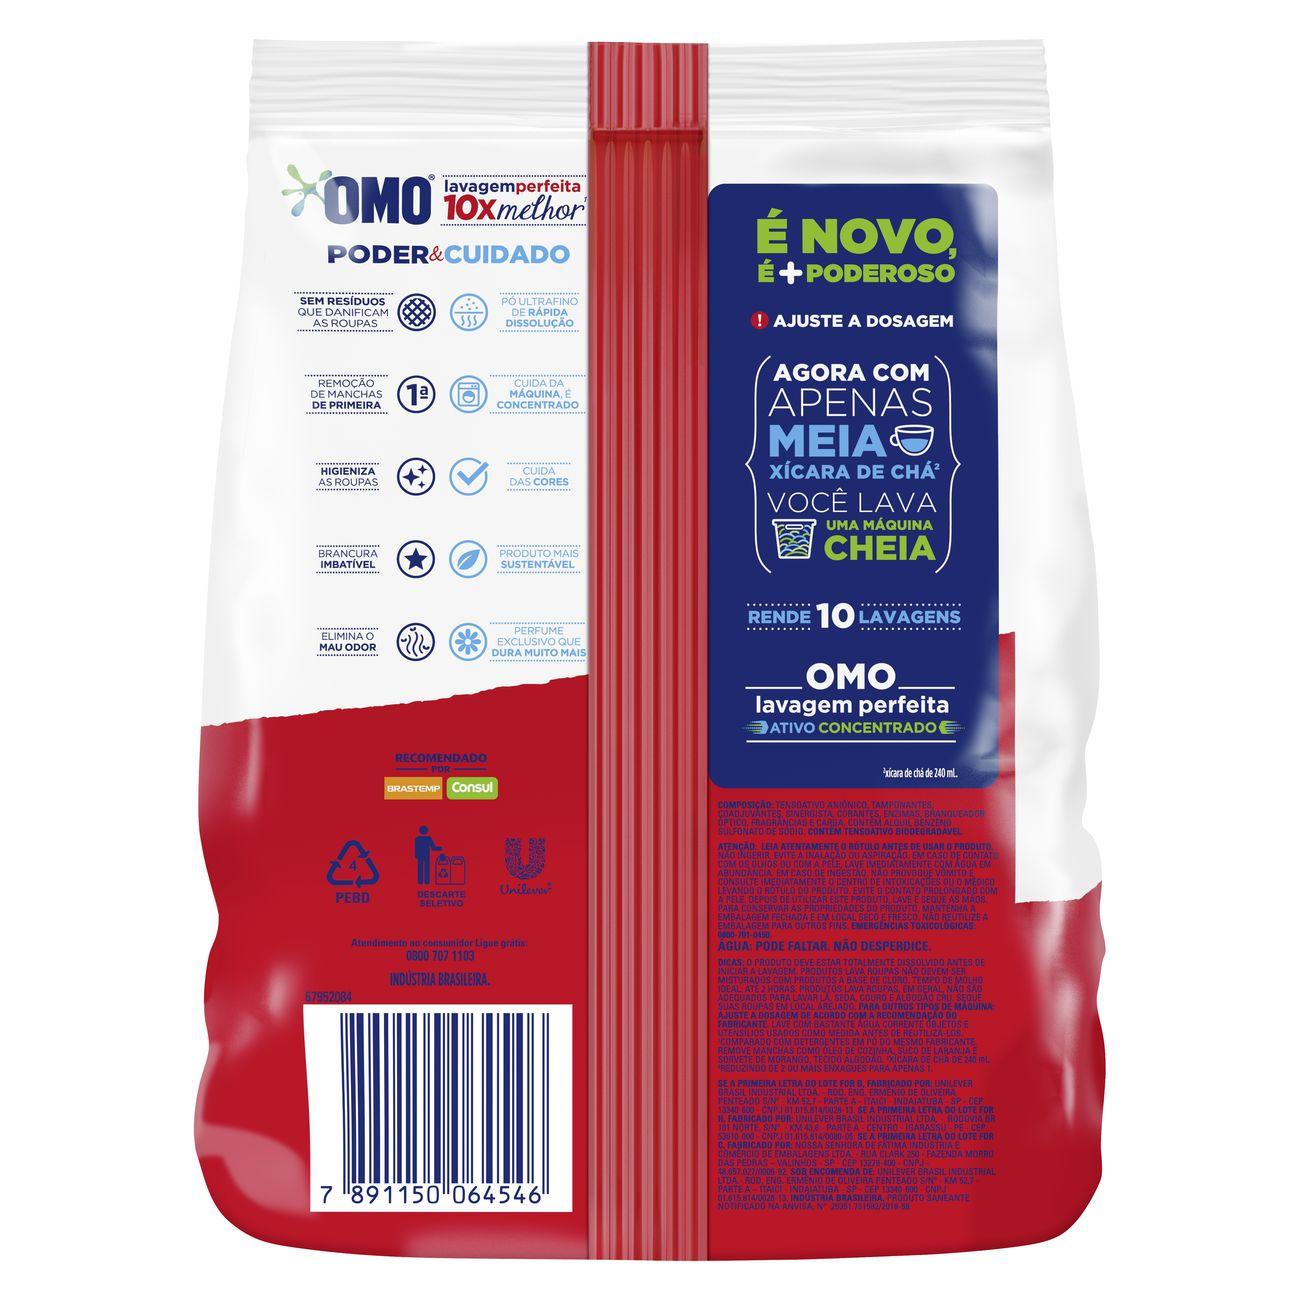 Oferta Detergente Em Pó Omo Lavagem Perfeita Pague 700g Leve 800g